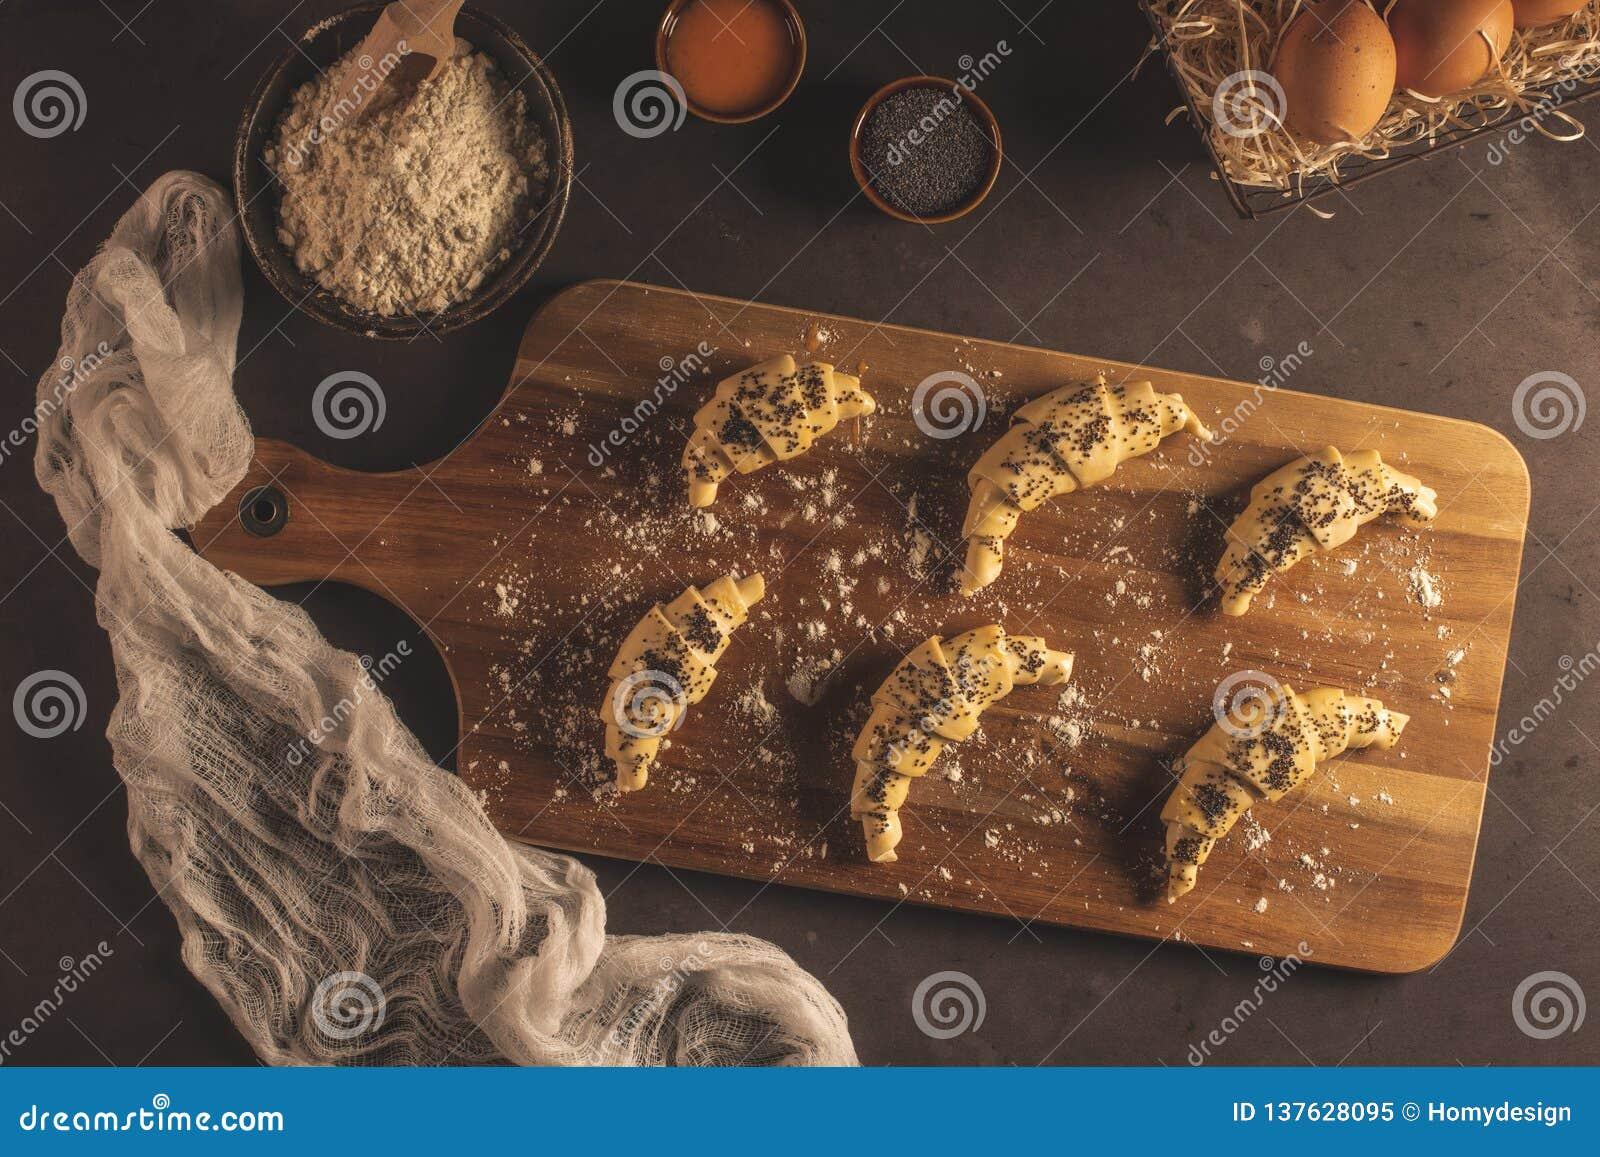 Ruw croissant met ingrediënten